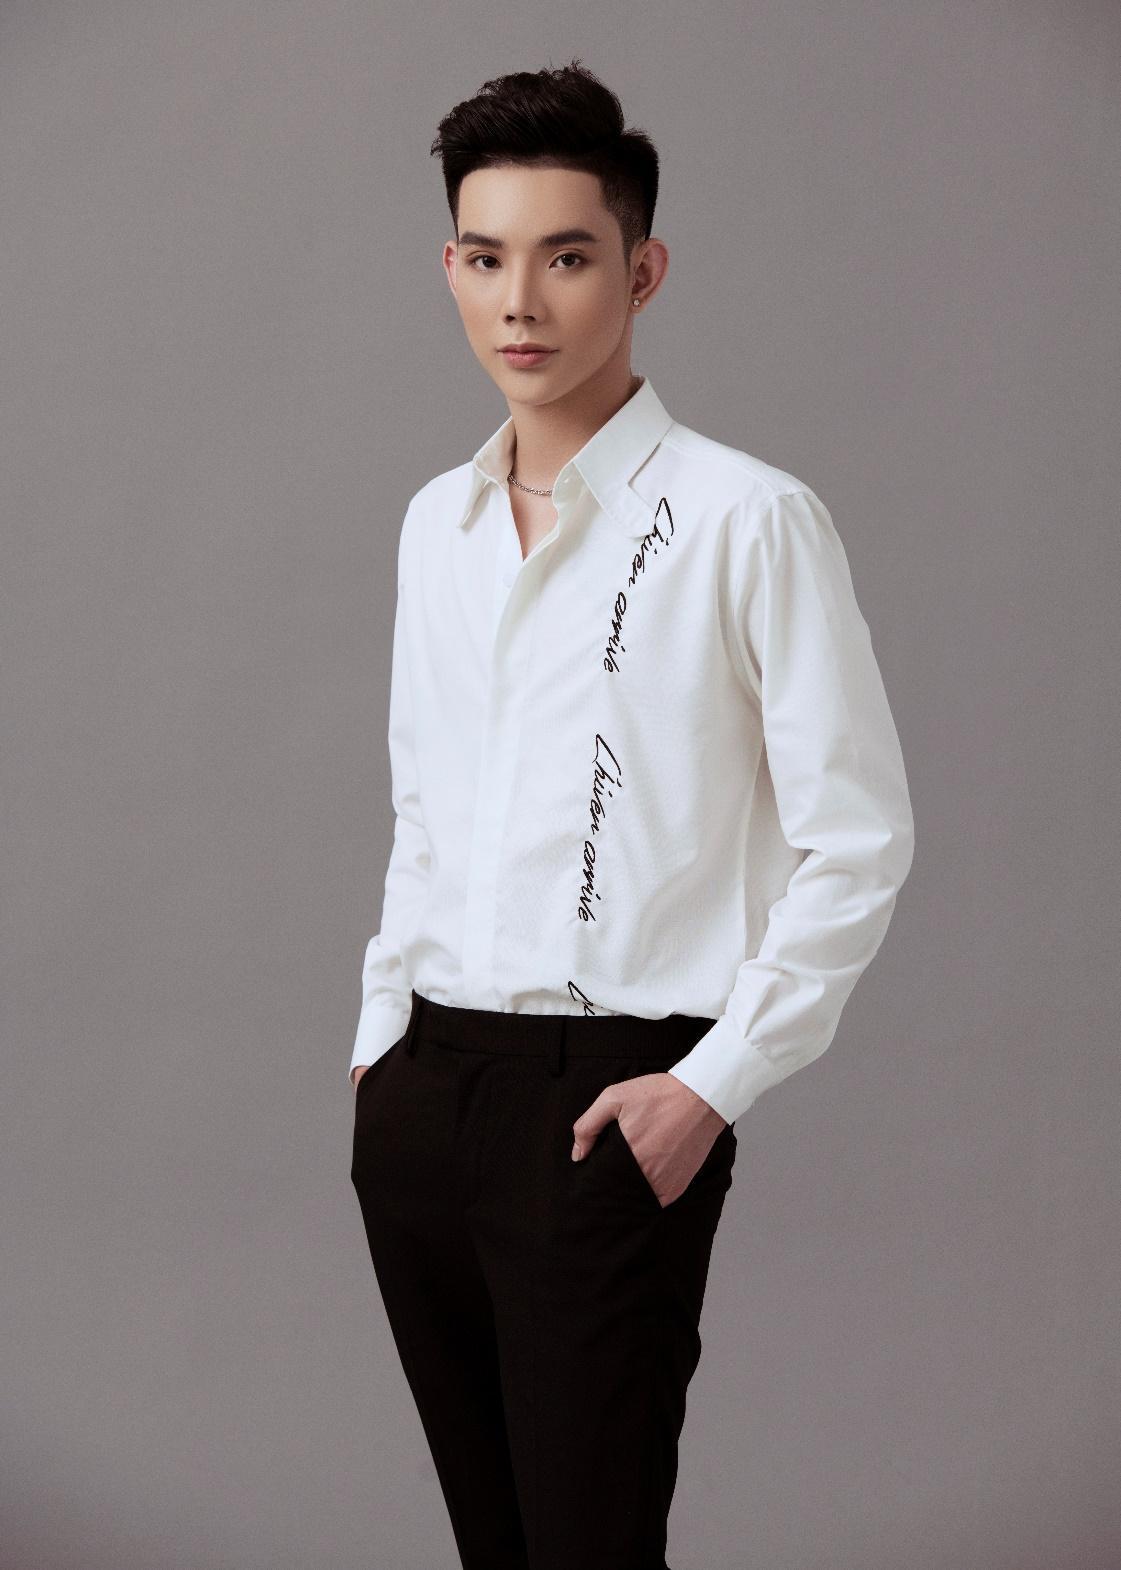 CEO Nguyễn Quang Hiển - doanh nhân trẻ đam mê chinh phục giấc mơ làm đẹp - Ảnh 1